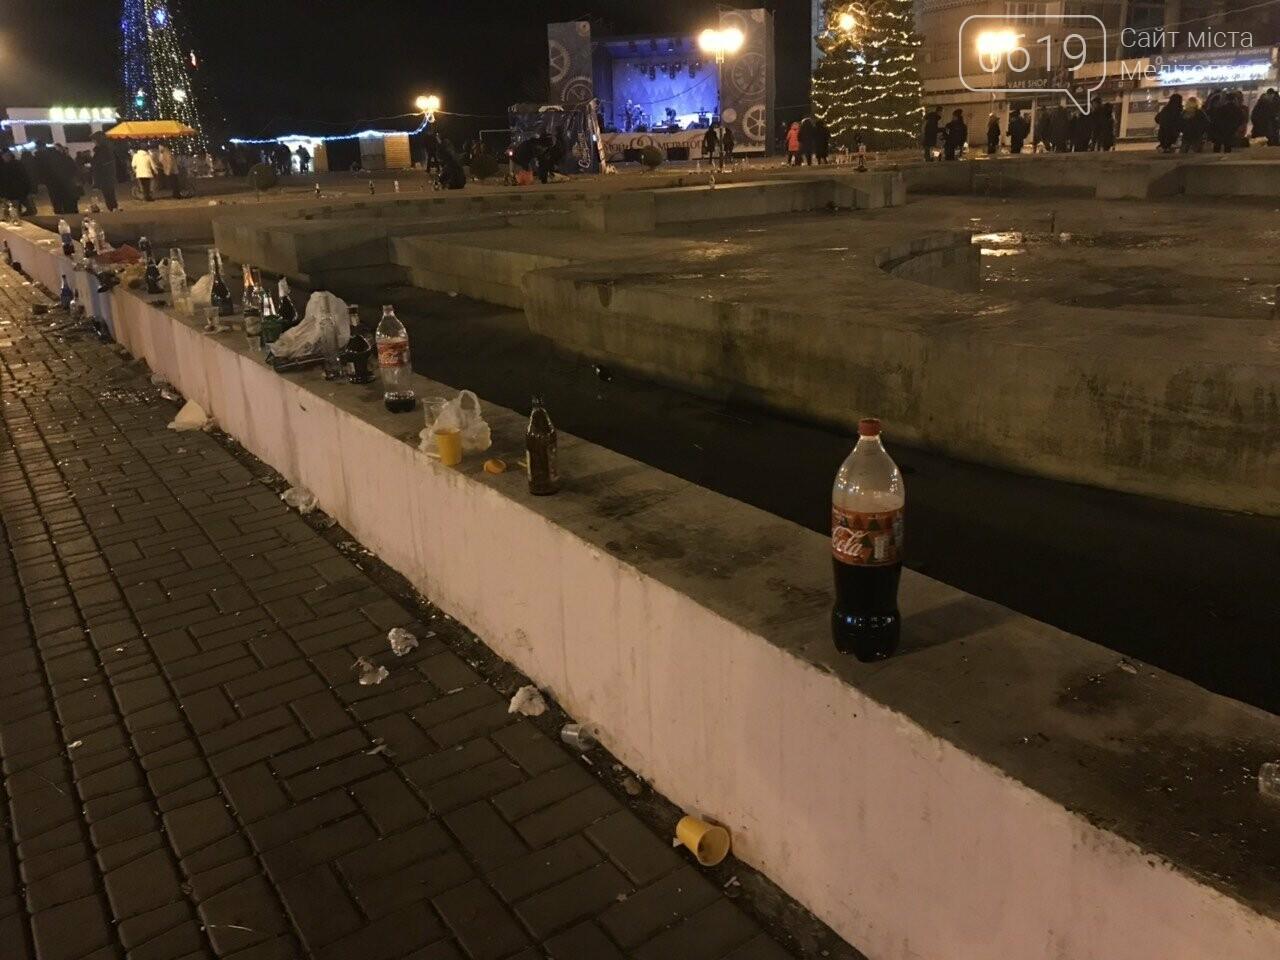 В новогоднюю ночь мелитопольцы превратили площадь в свалку, фото-1, Фото сайта 0619